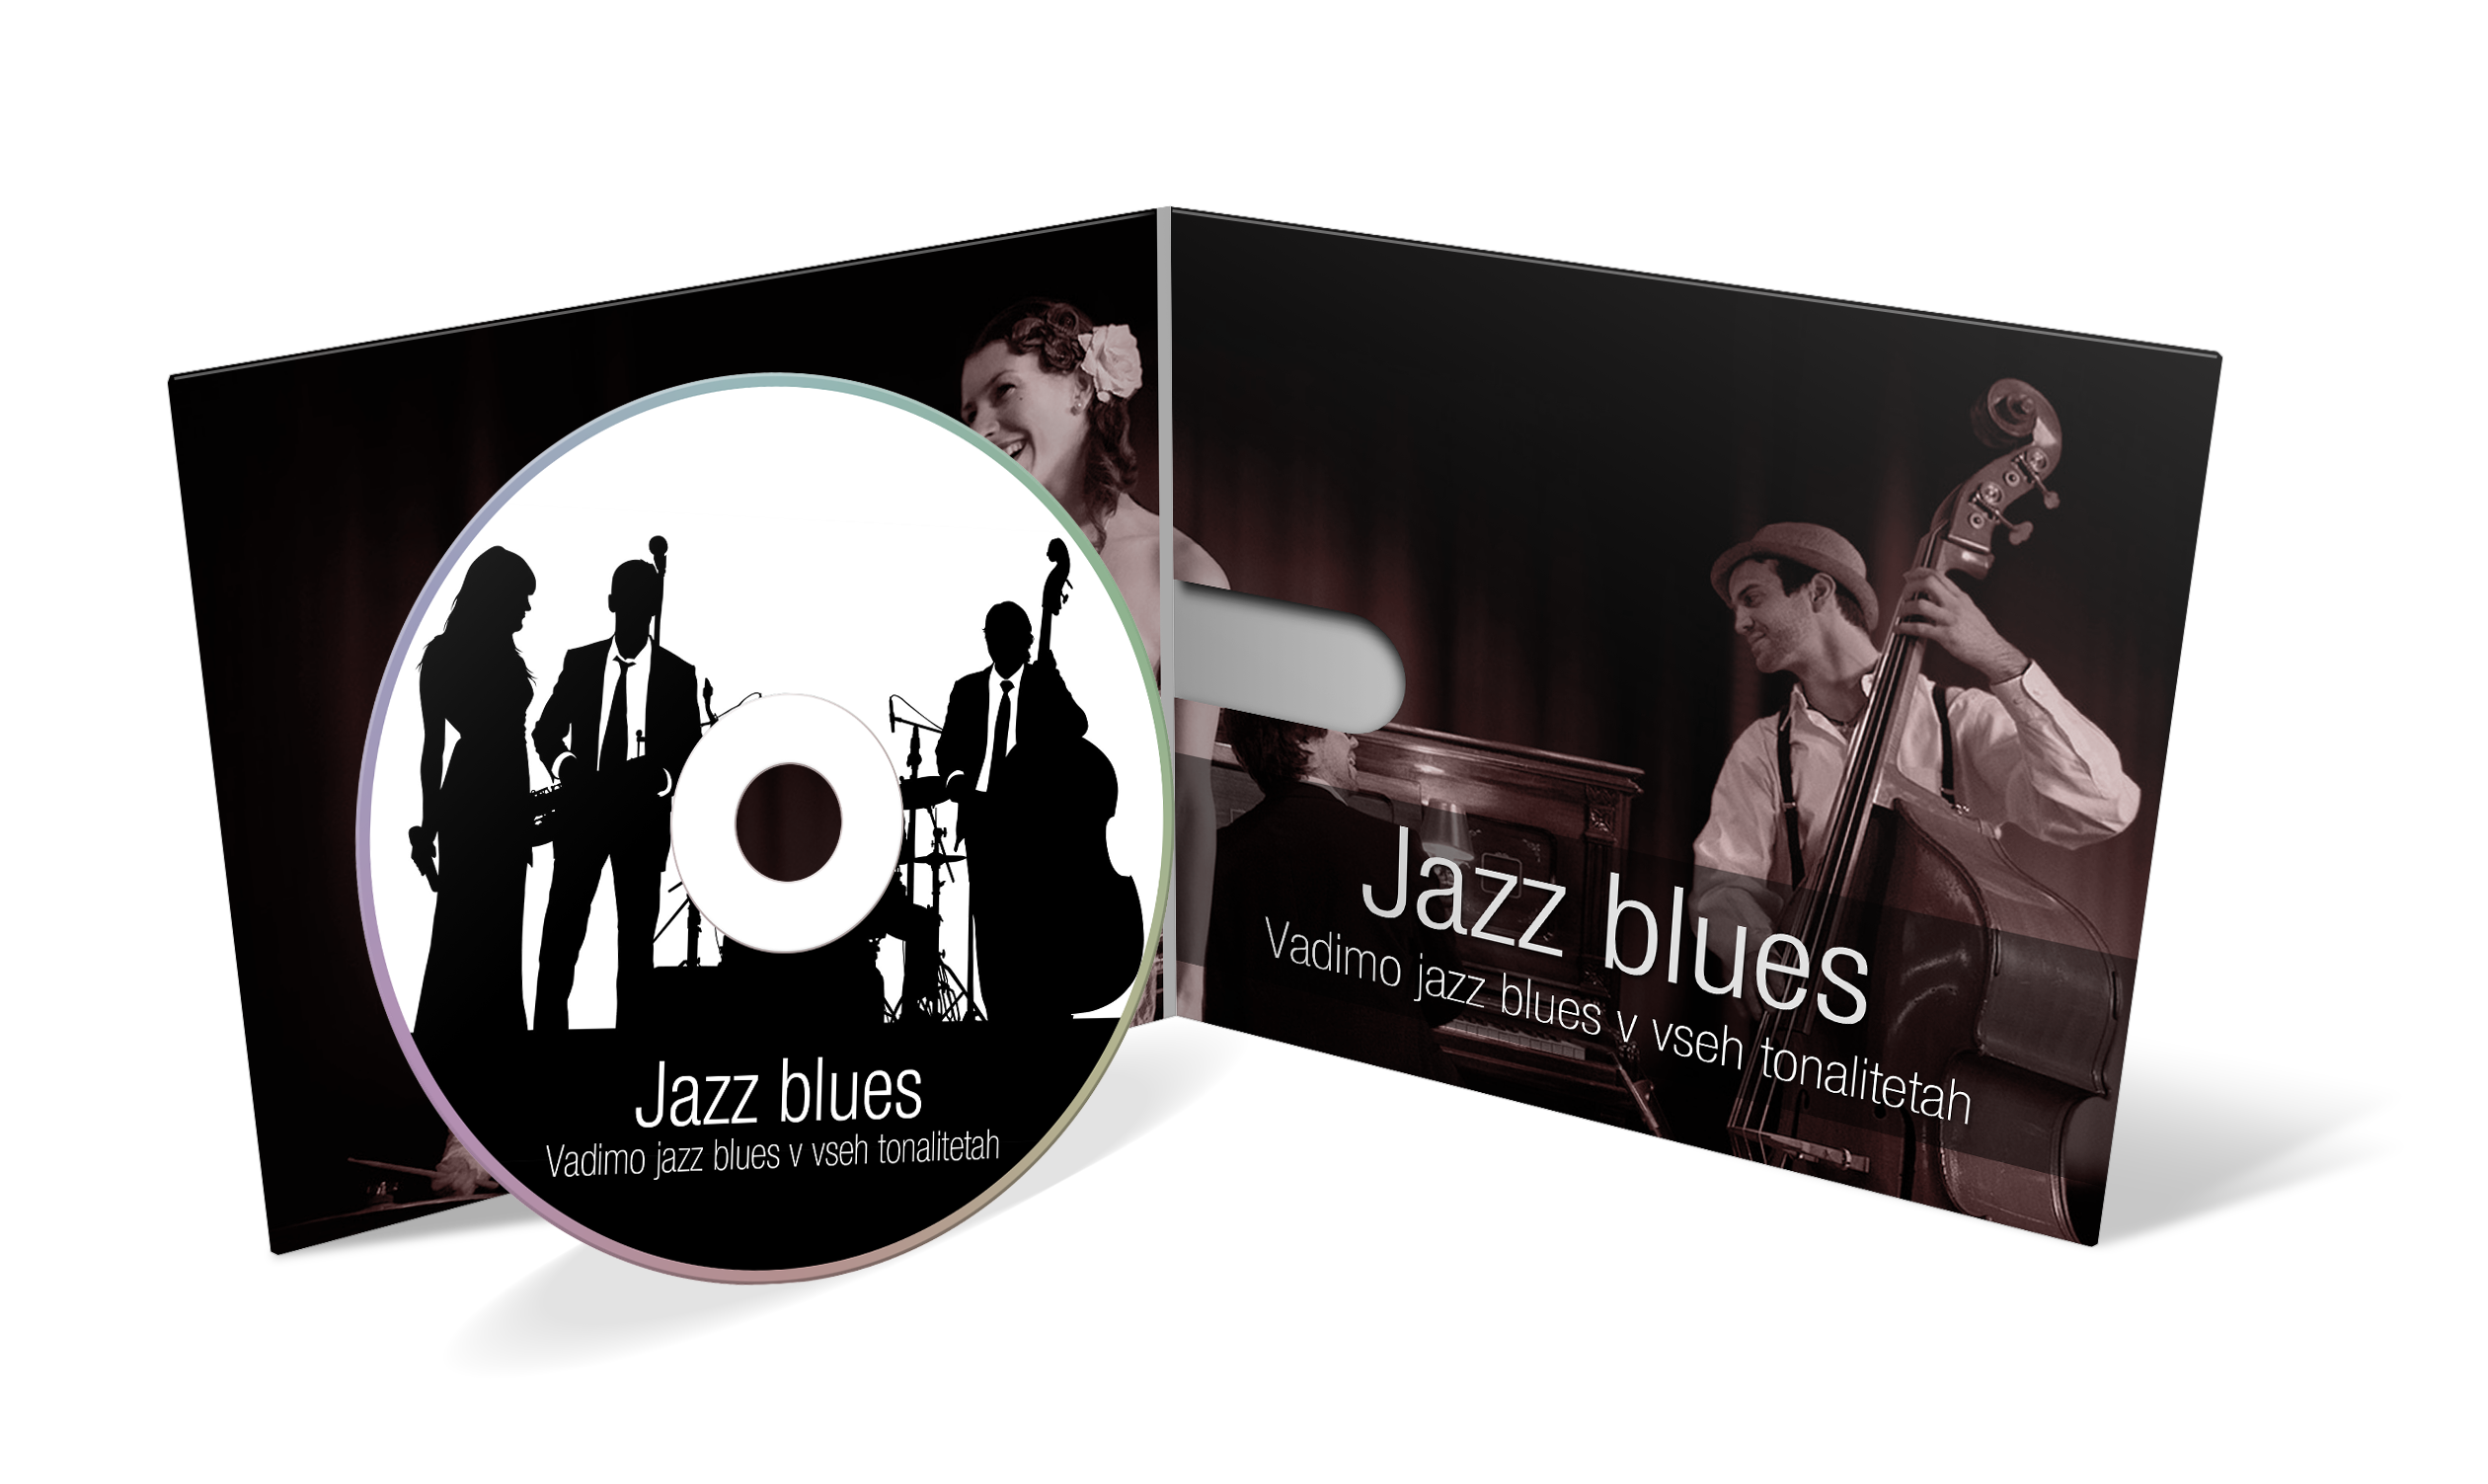 Jazz blues spremljave